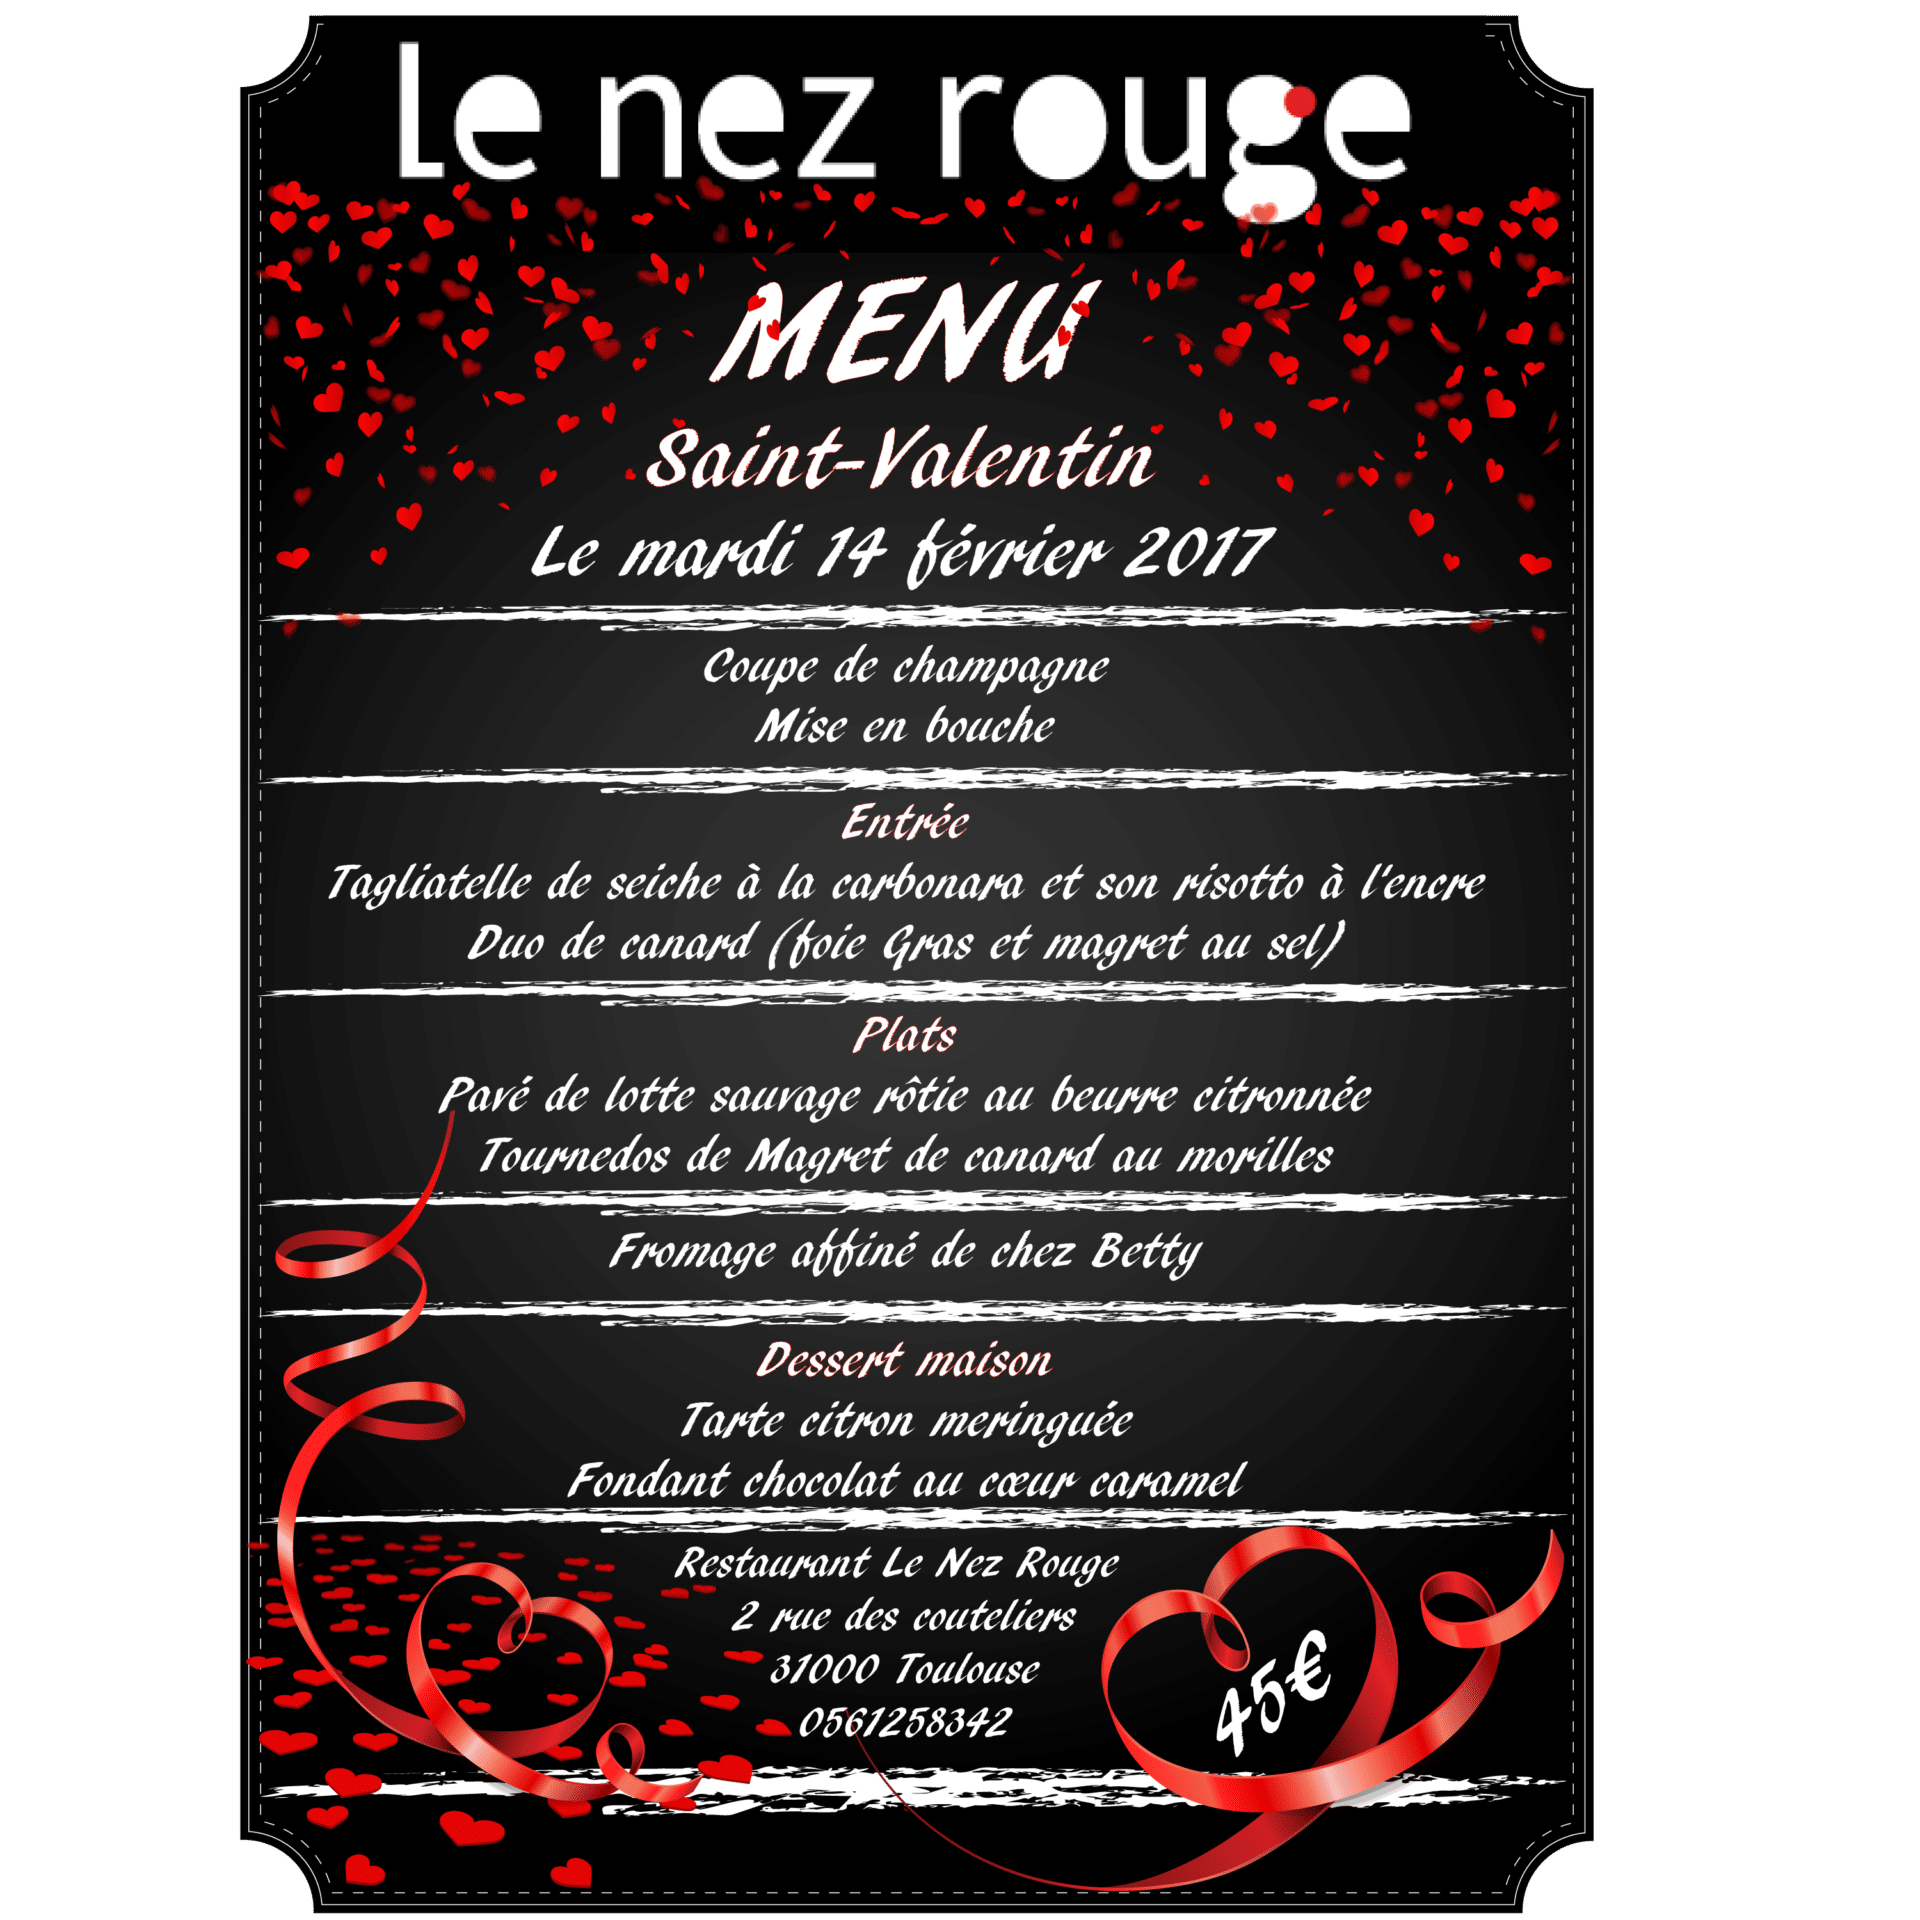 Notre menu pour la saint valentin 2017 nez rouge - La saint valentin 2017 ...